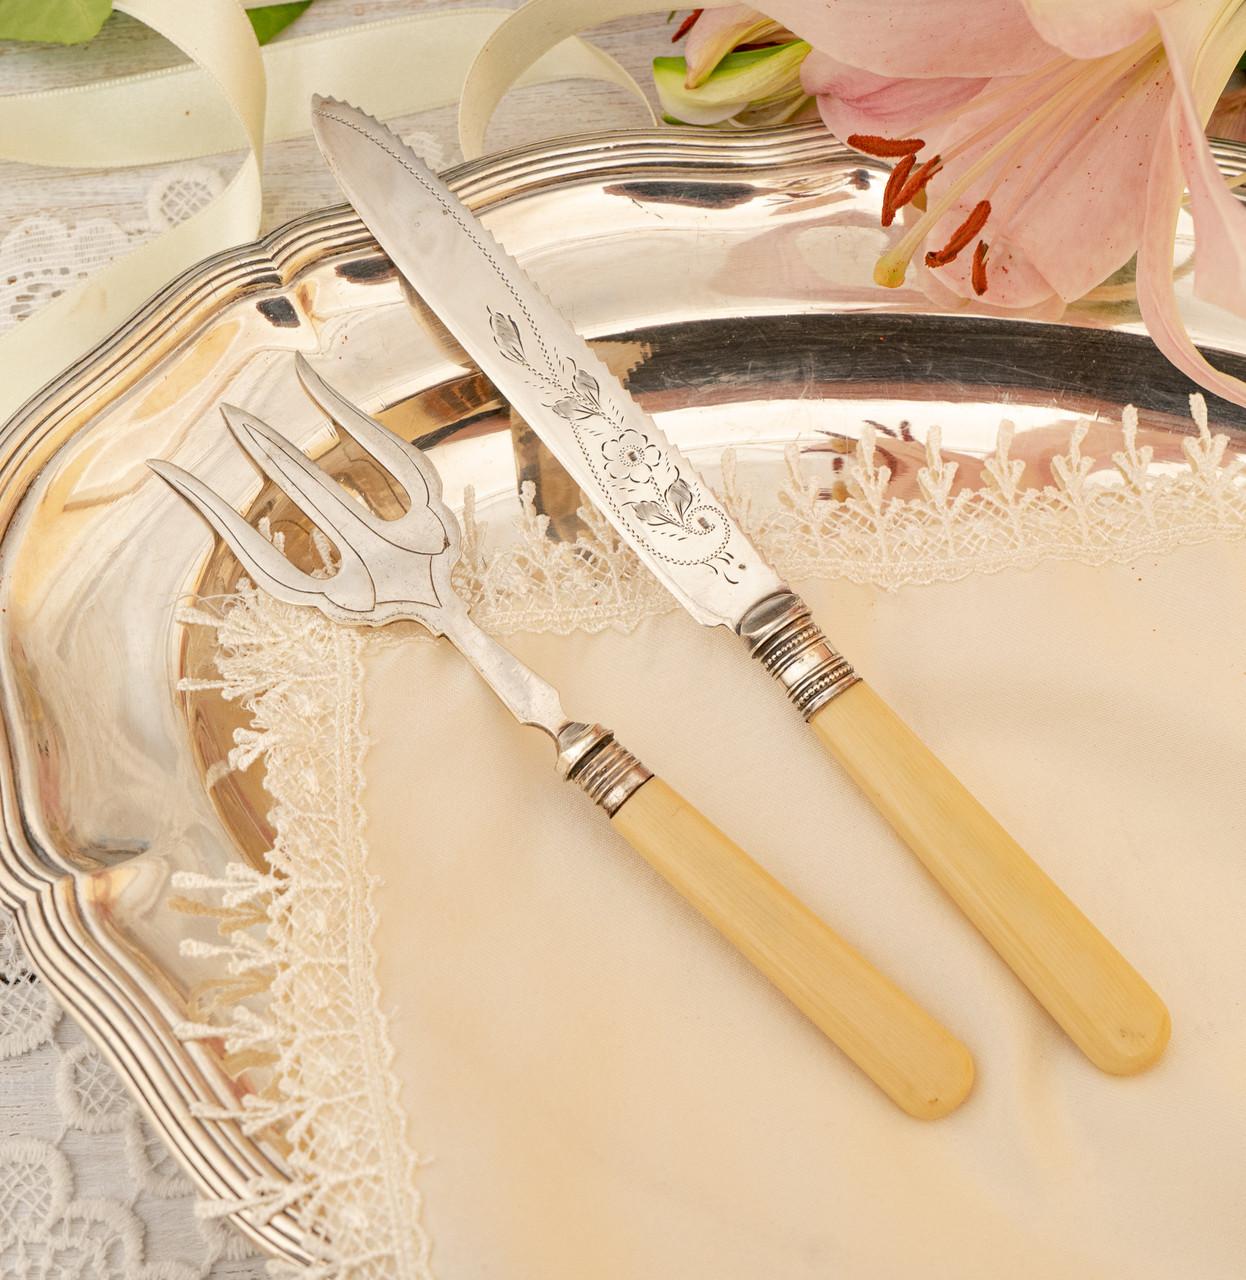 Англійська столовий ніж і вилка з целулоїдними ручками, сріблення, Англія